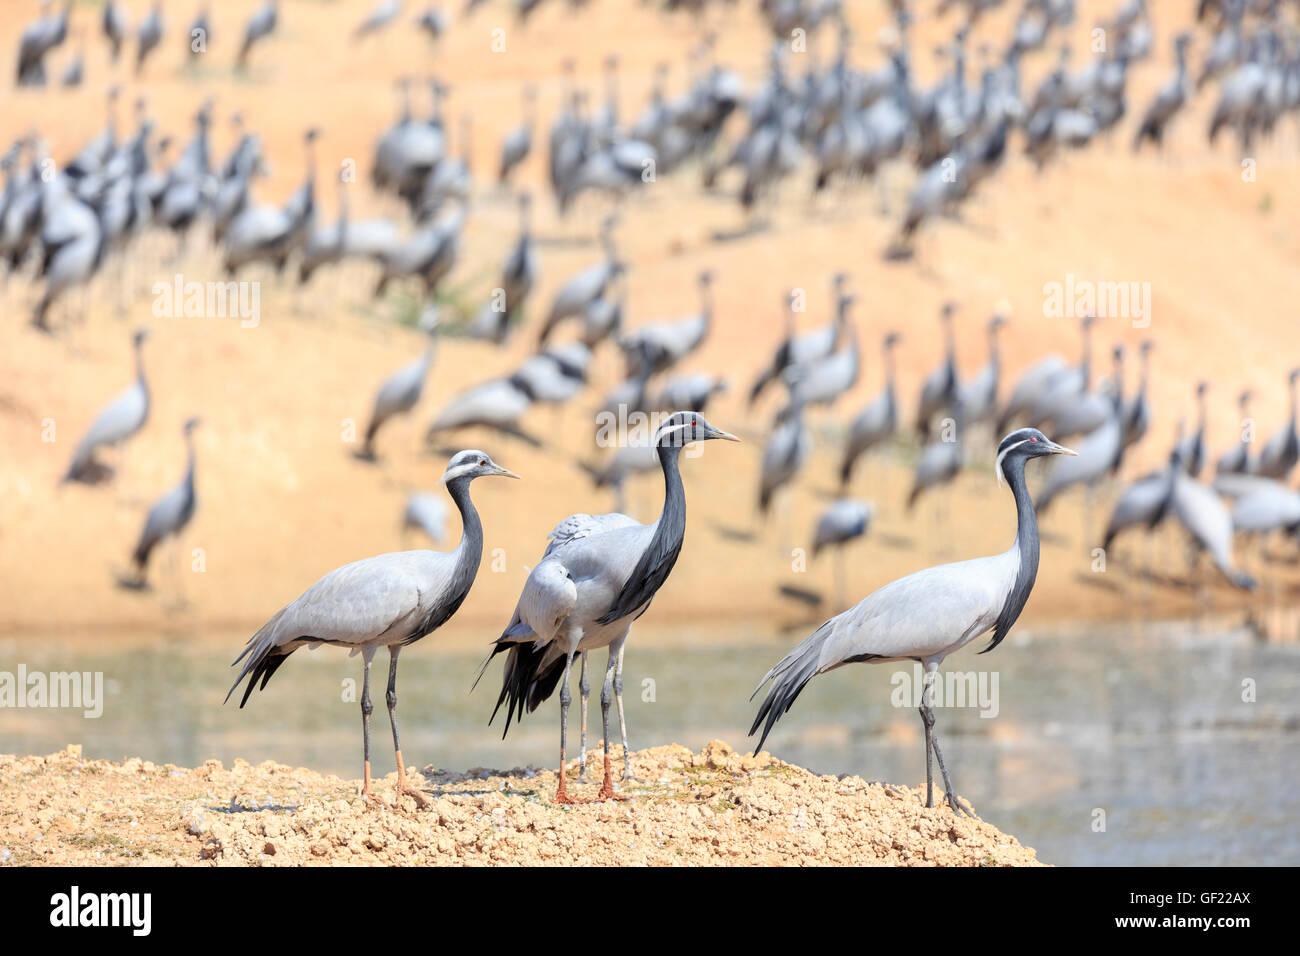 Thar Desert, demoiselle cranes wintering, Khichan, India Stock Photo